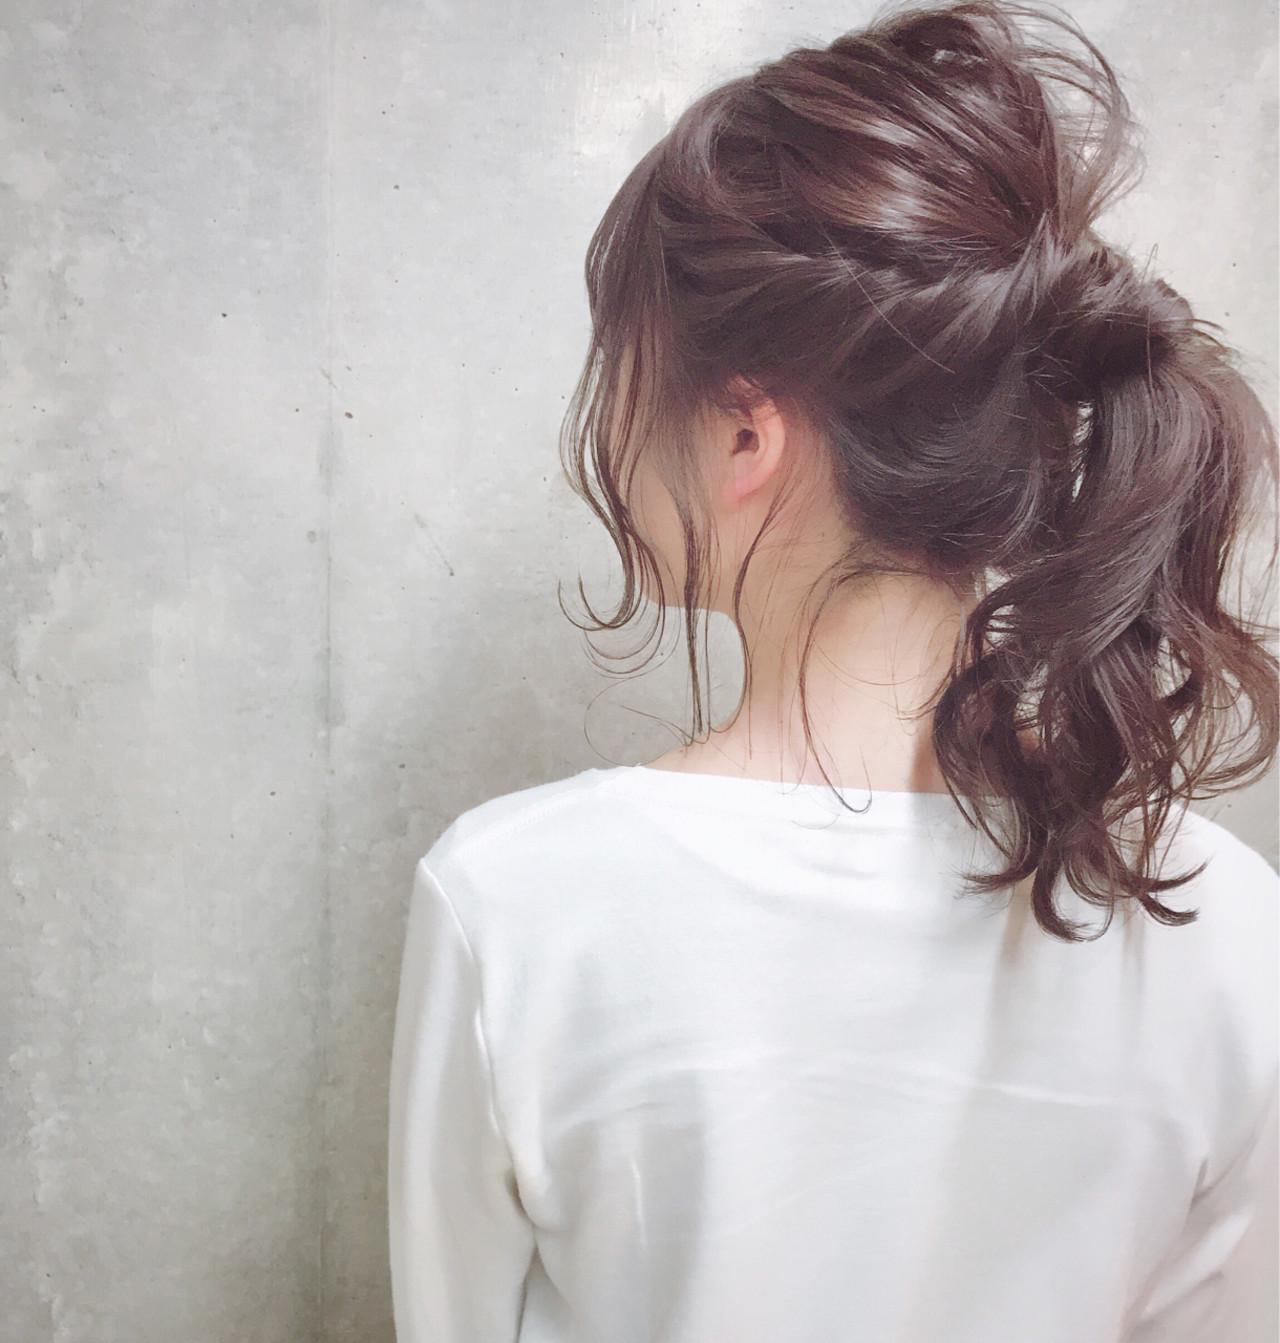 可愛さUP♡ねじった髪で結び目隠し Wataru Maeda